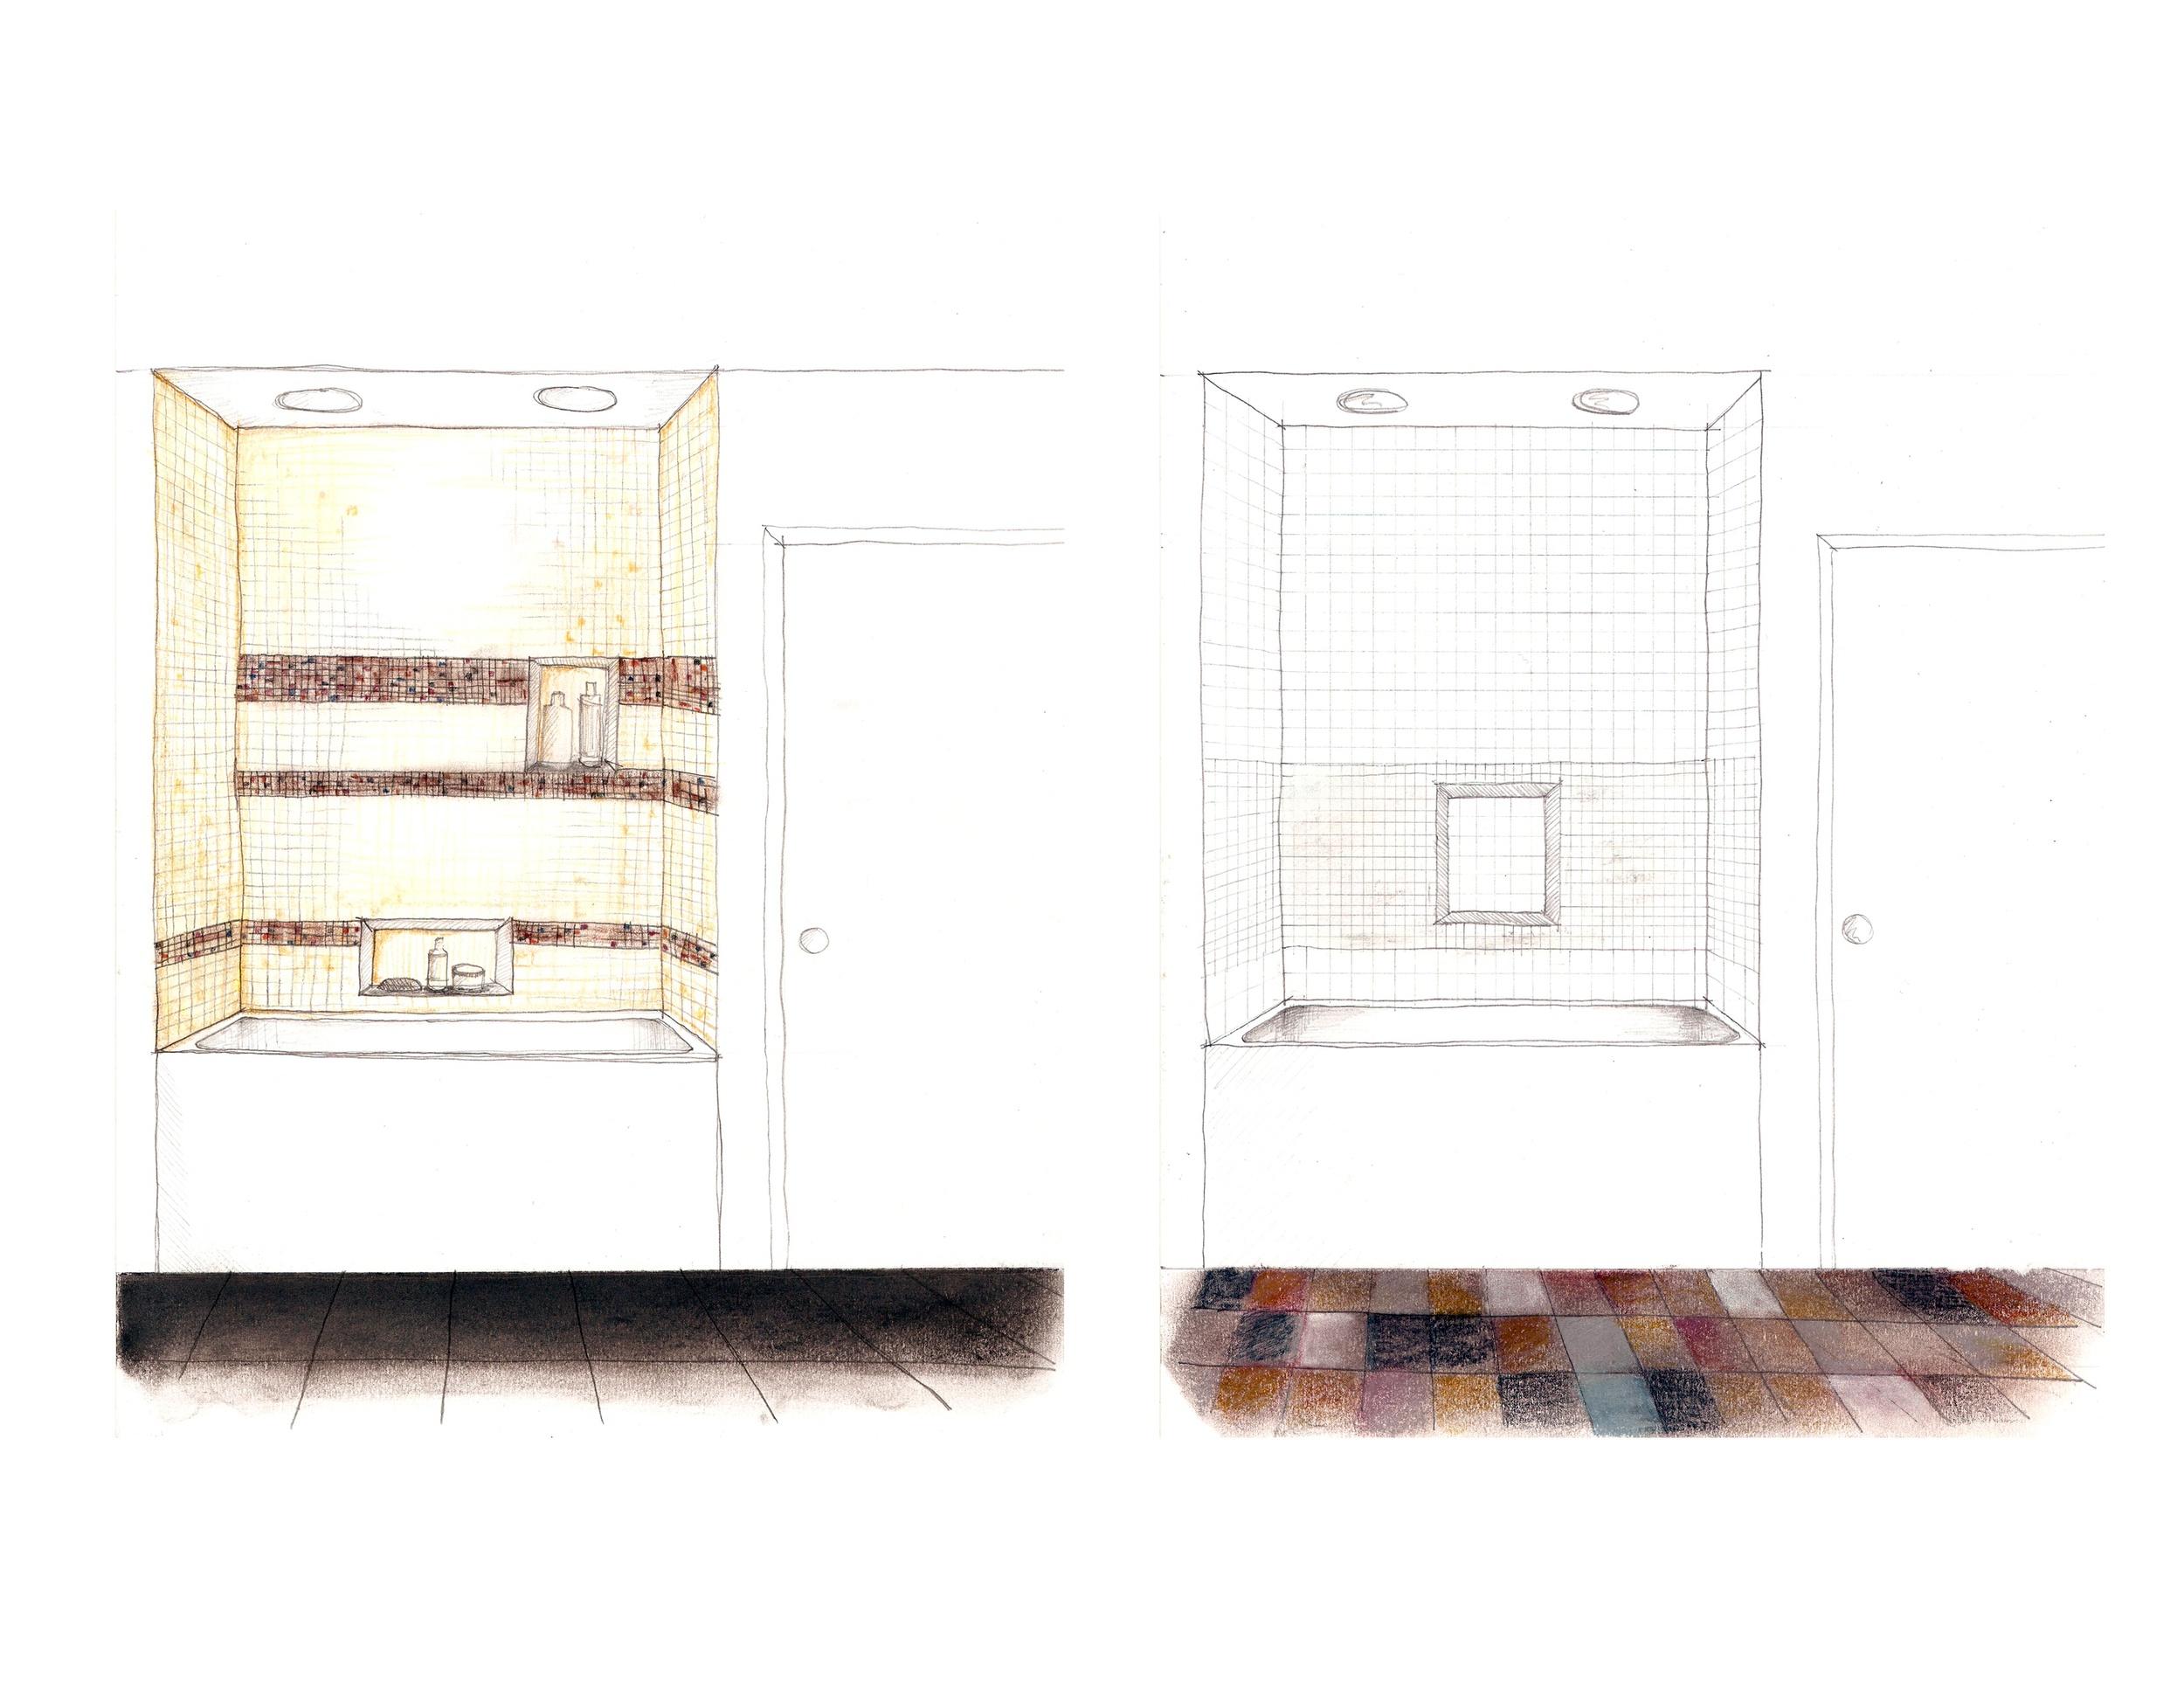 Tub surround & tile ideas